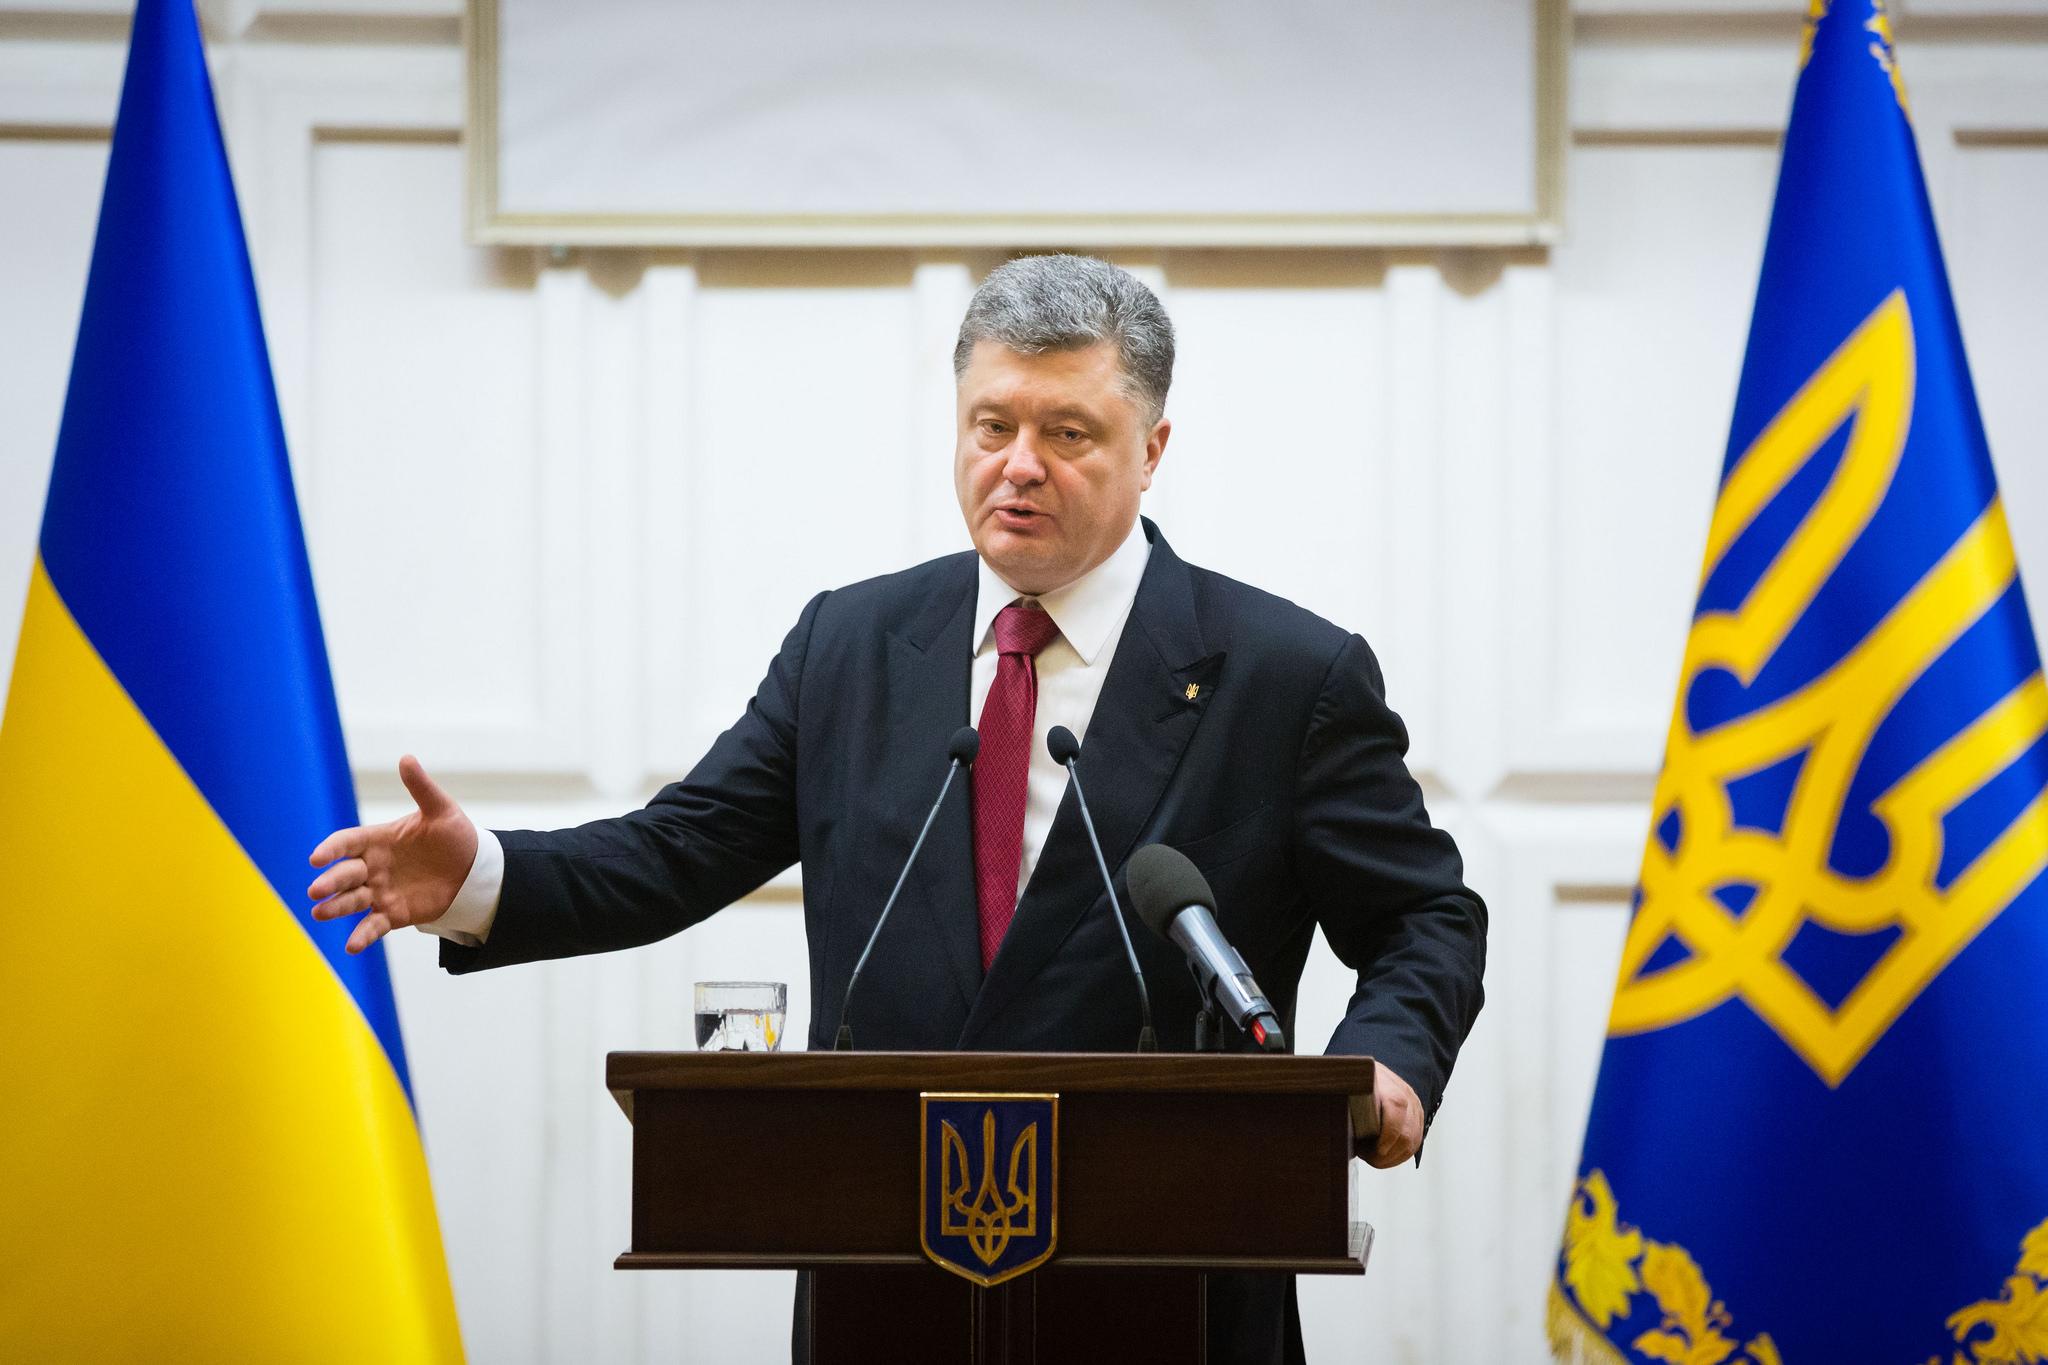 Порошенко в США назвал дату полного переформатирования Кабмина Яценюка